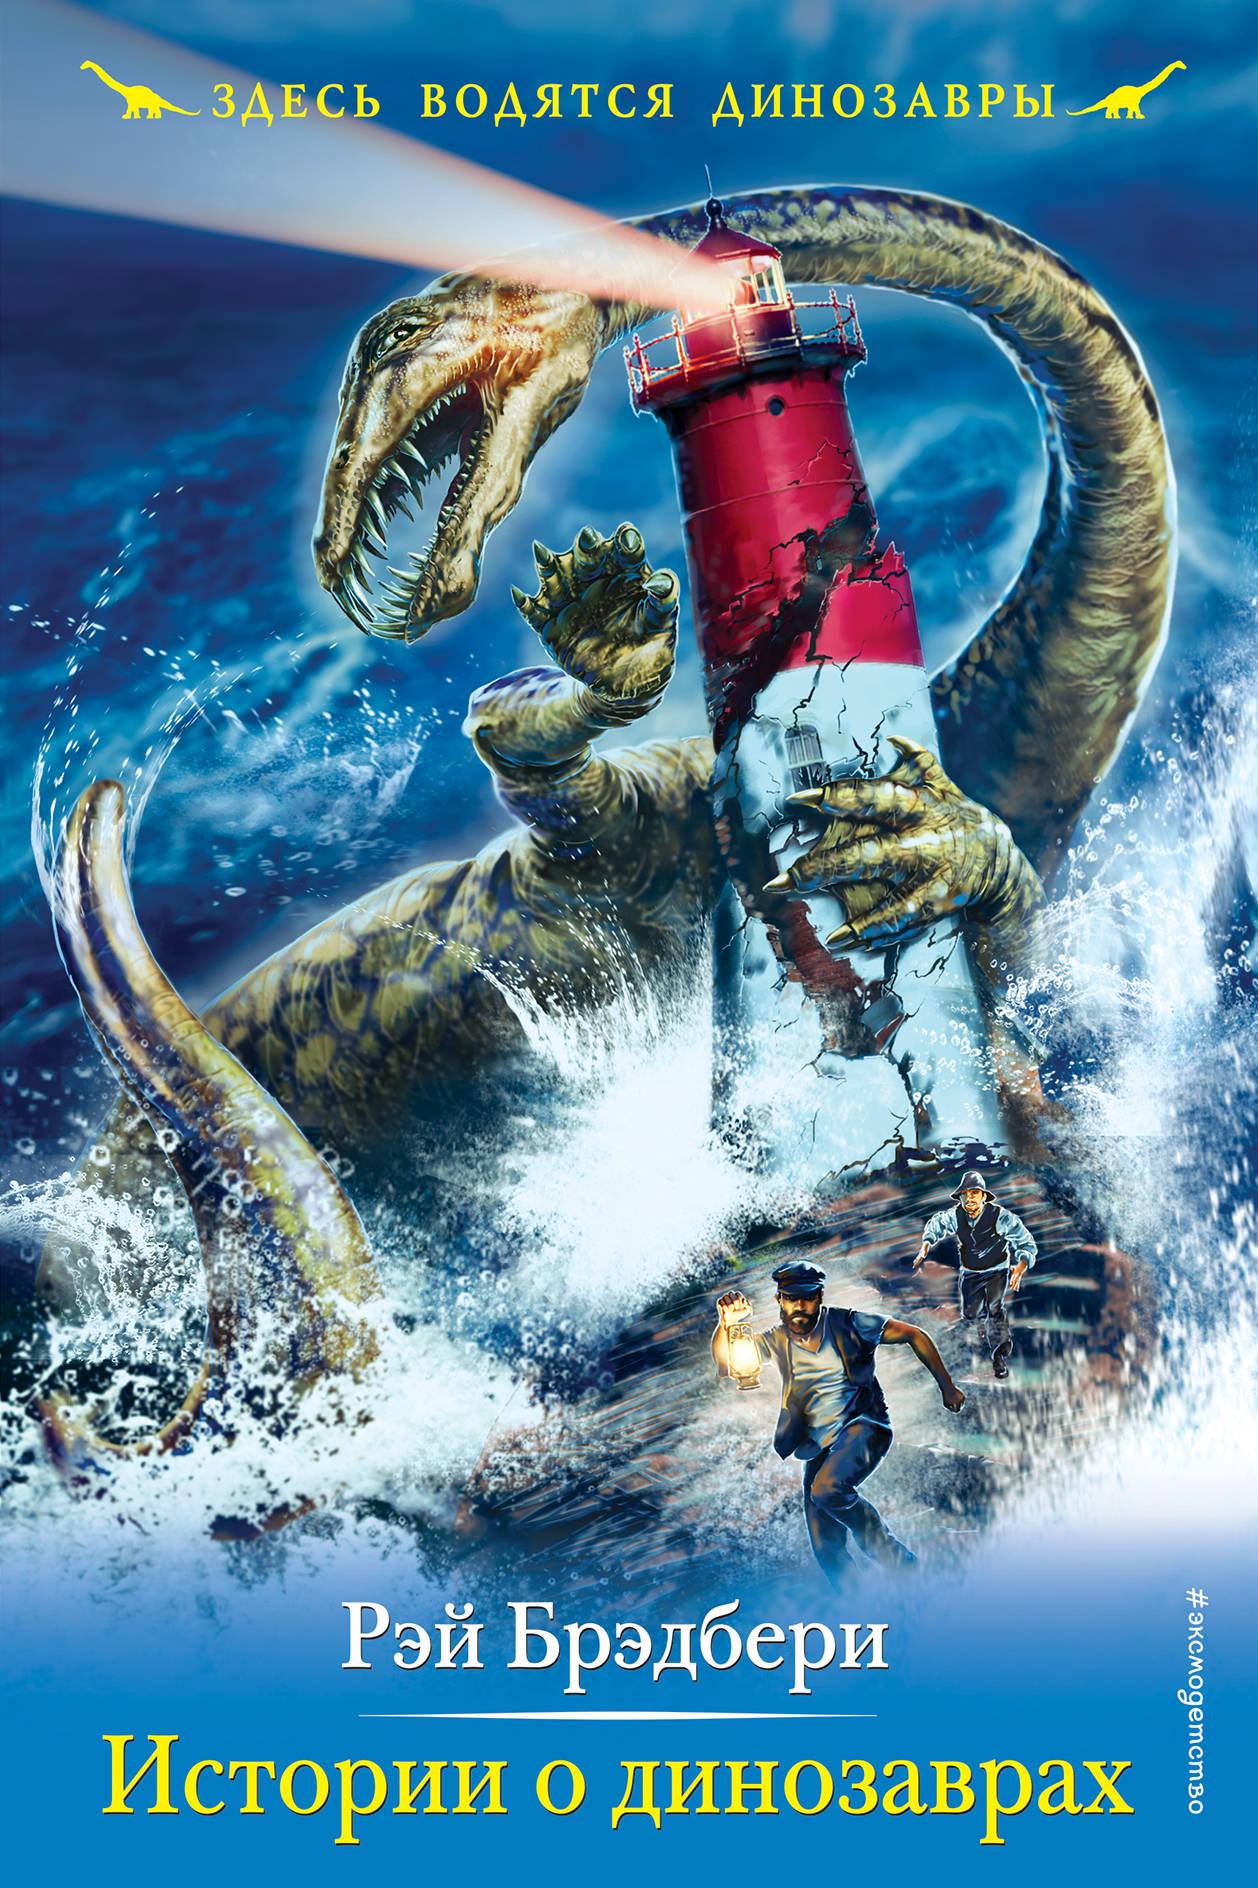 Брэдбери Рэй Истории о динозаврах